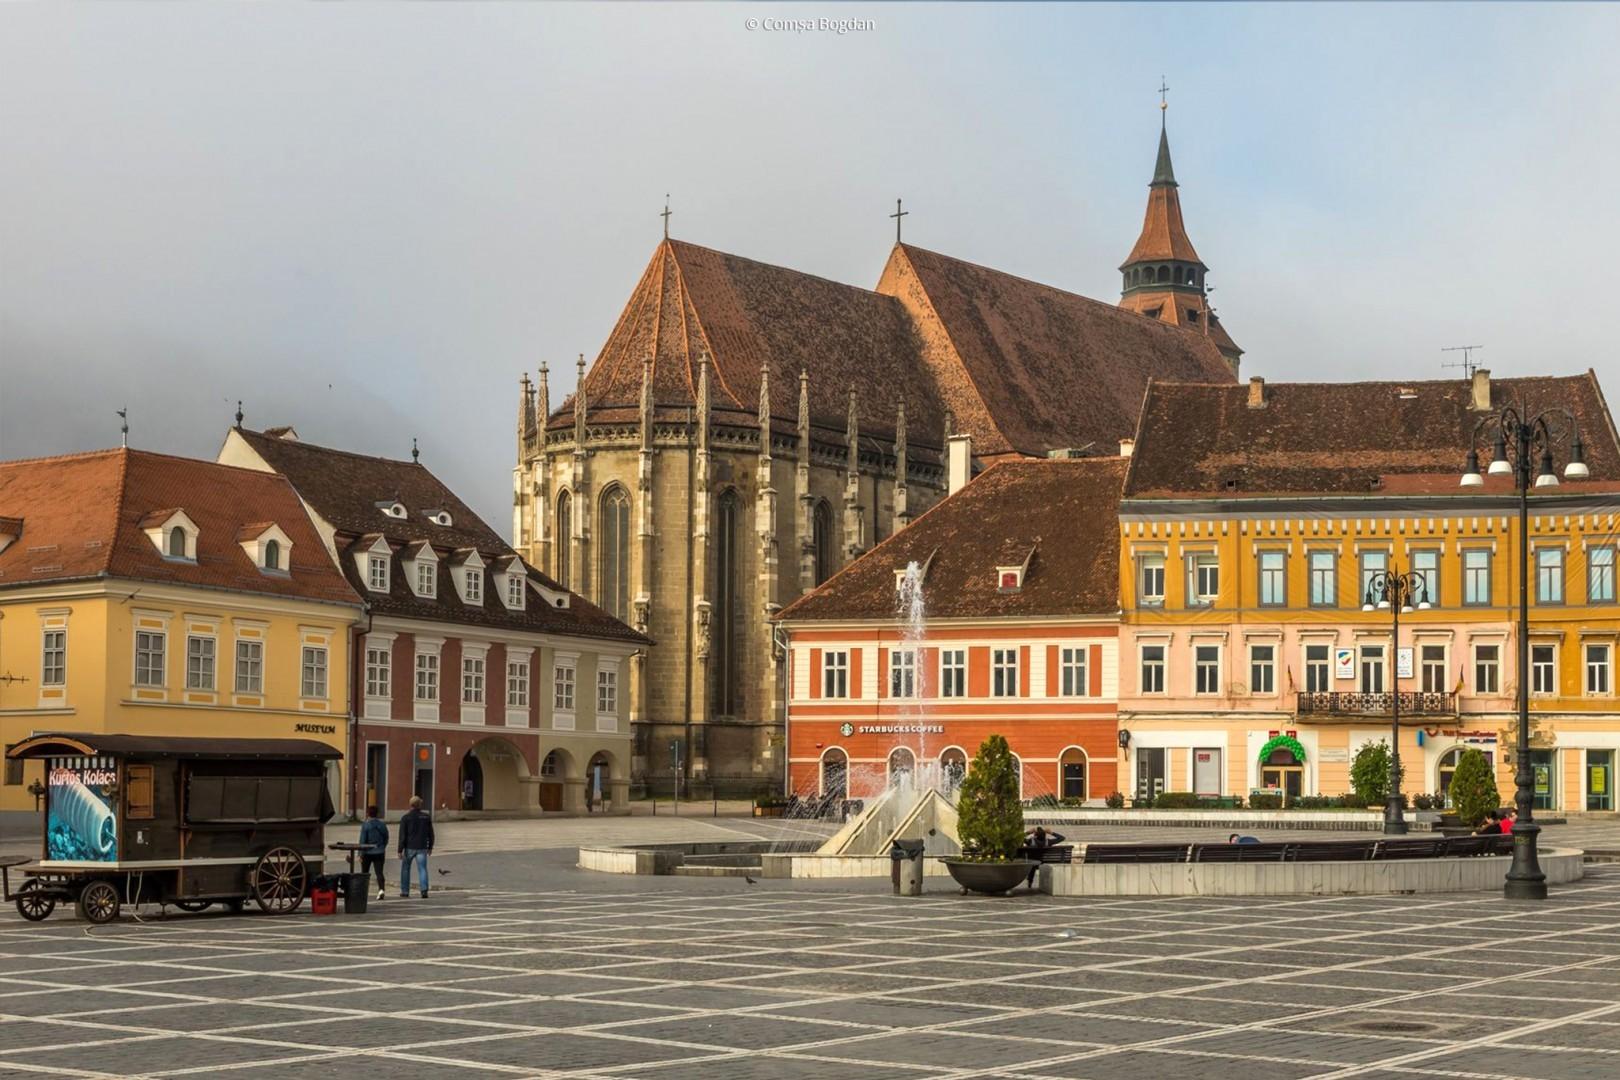 Peste 100 de obiective de vizitat in 16 zile: Ruta Cultural Turistica - Portile Transilvaniei